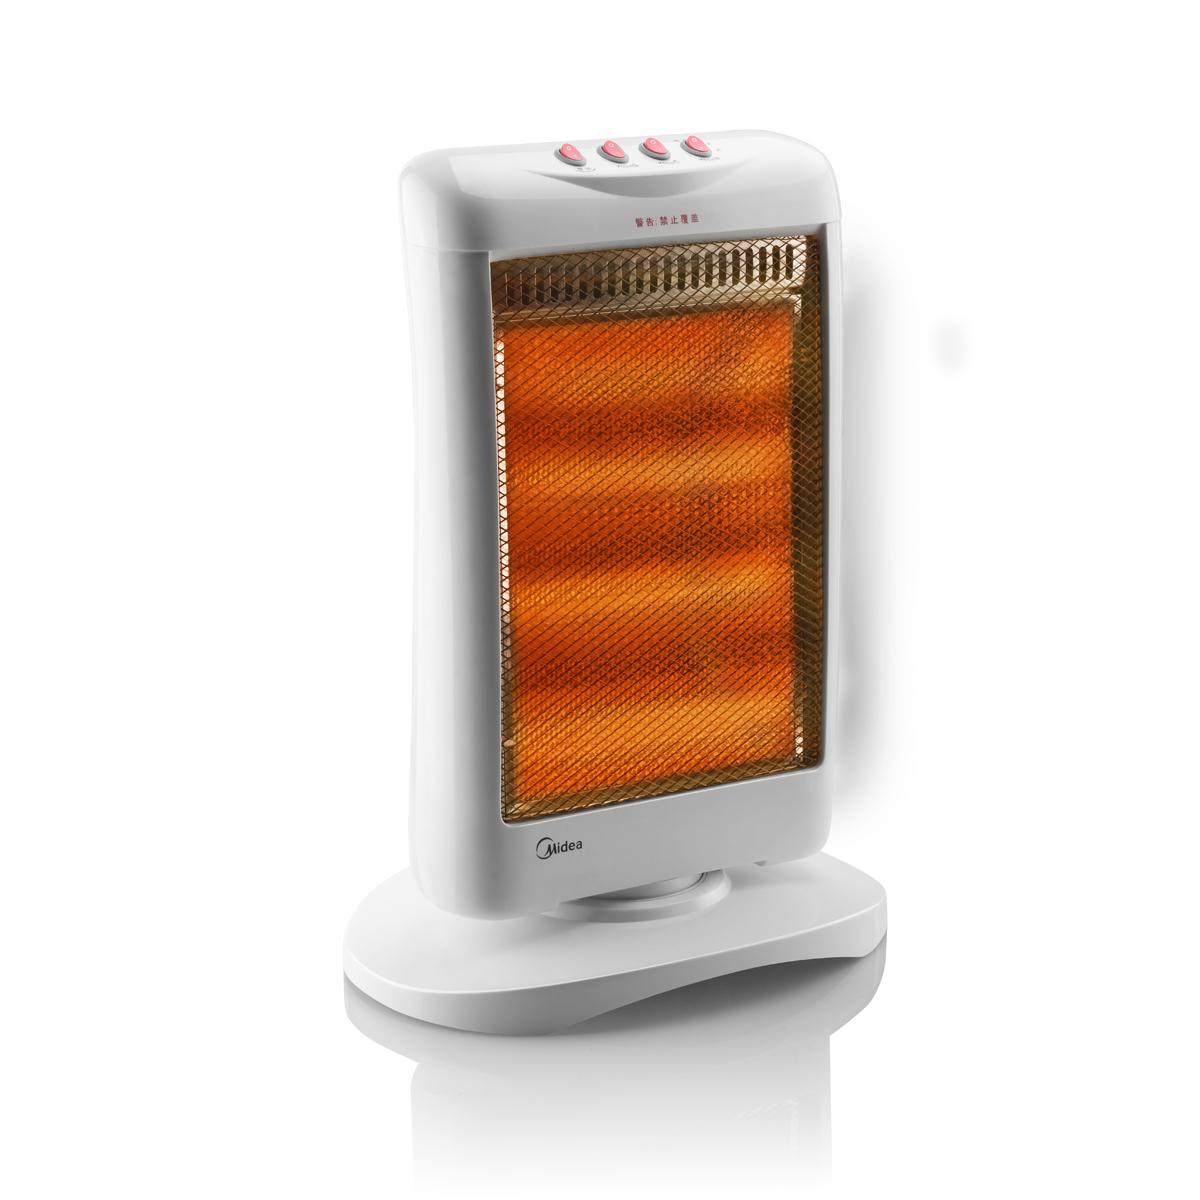 Midea/美的 NS12-13C电暖器(油汀、暖风机) 说明书.pdf